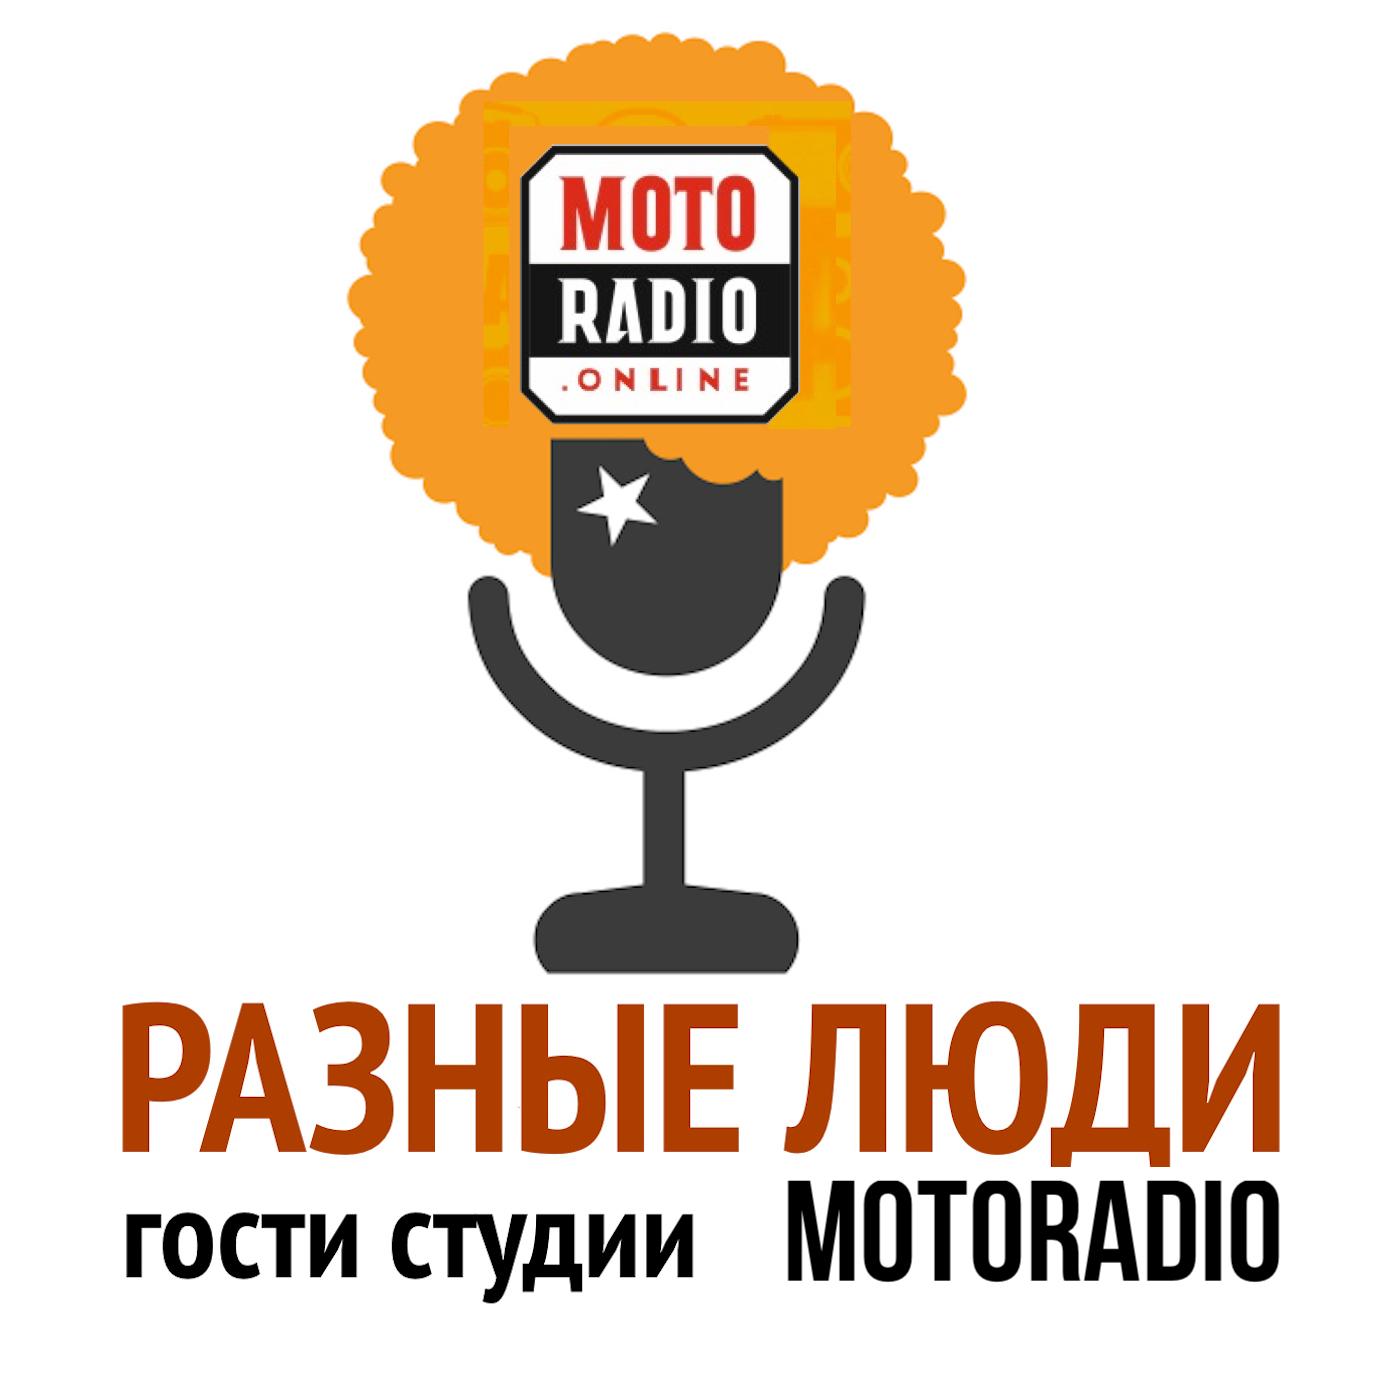 Моторадио Песни и развлечения эпохи НЭПа. Рассказывает автор книги Максим Кравчинский